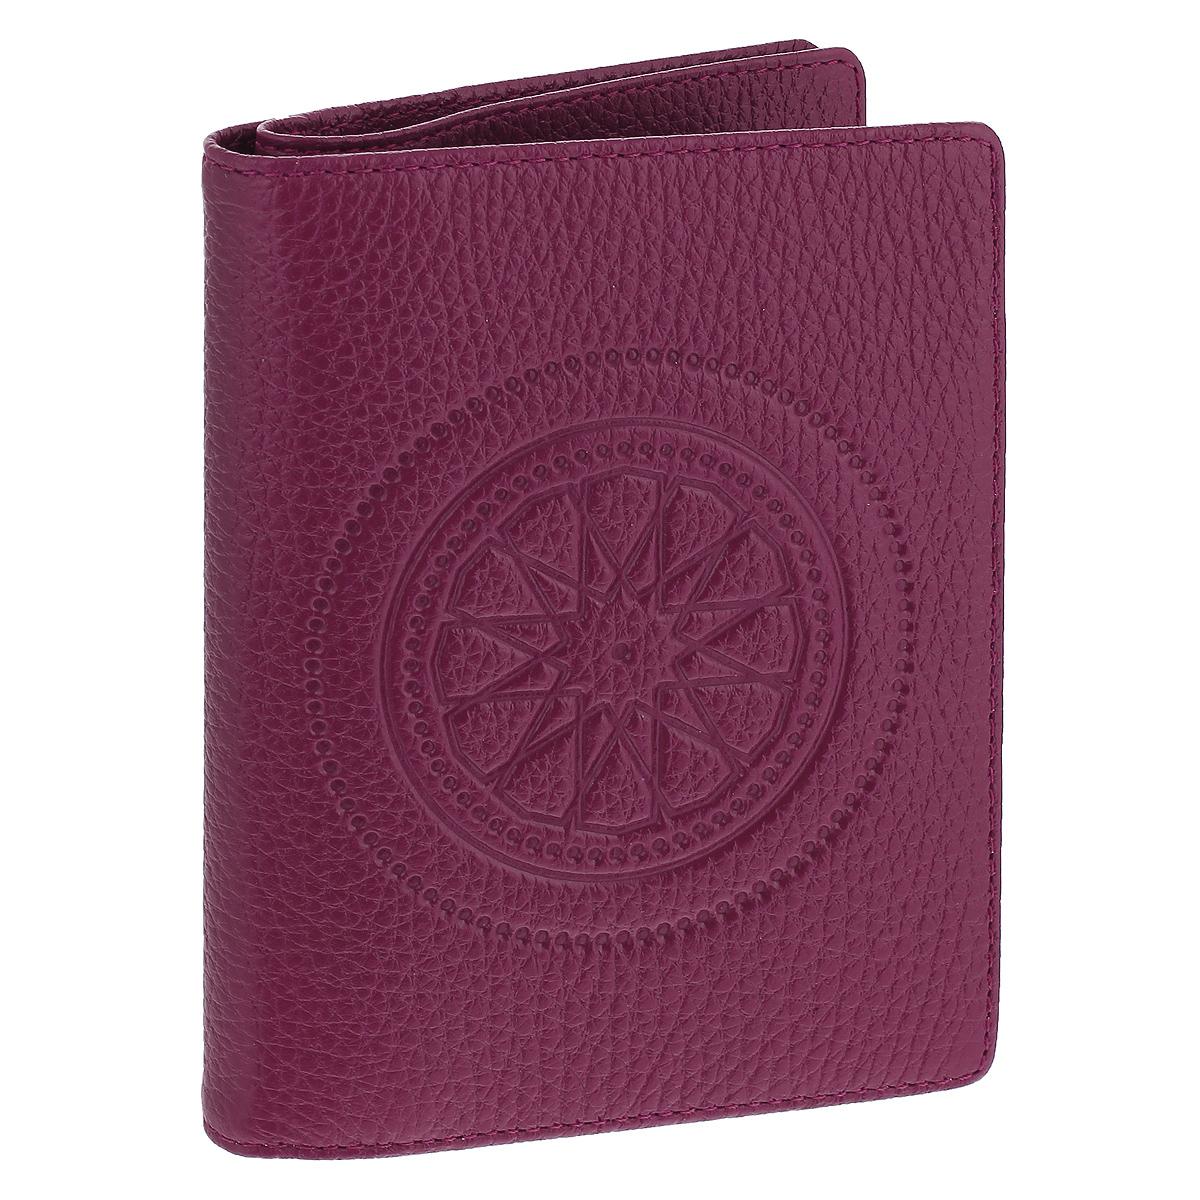 Бумажник водителя Askent Talisman, цвет: малиновый. BV.49.SNBV.49.SN. малиновыйБумажник водителя Askent Talisman выполнен из натуральной кожи с декоративным тиснением в виде талисмана. На внутреннем развороте имеет отделение для паспорта на кнопке, три кармана из кожи, один полукарман из кожи, семь карманов для кредитных карт и внутренний блок из прозрачного пластика (6 карманов). Такой бумажник станет отличным подарком для человека, ценящего качественные и необычные вещи.